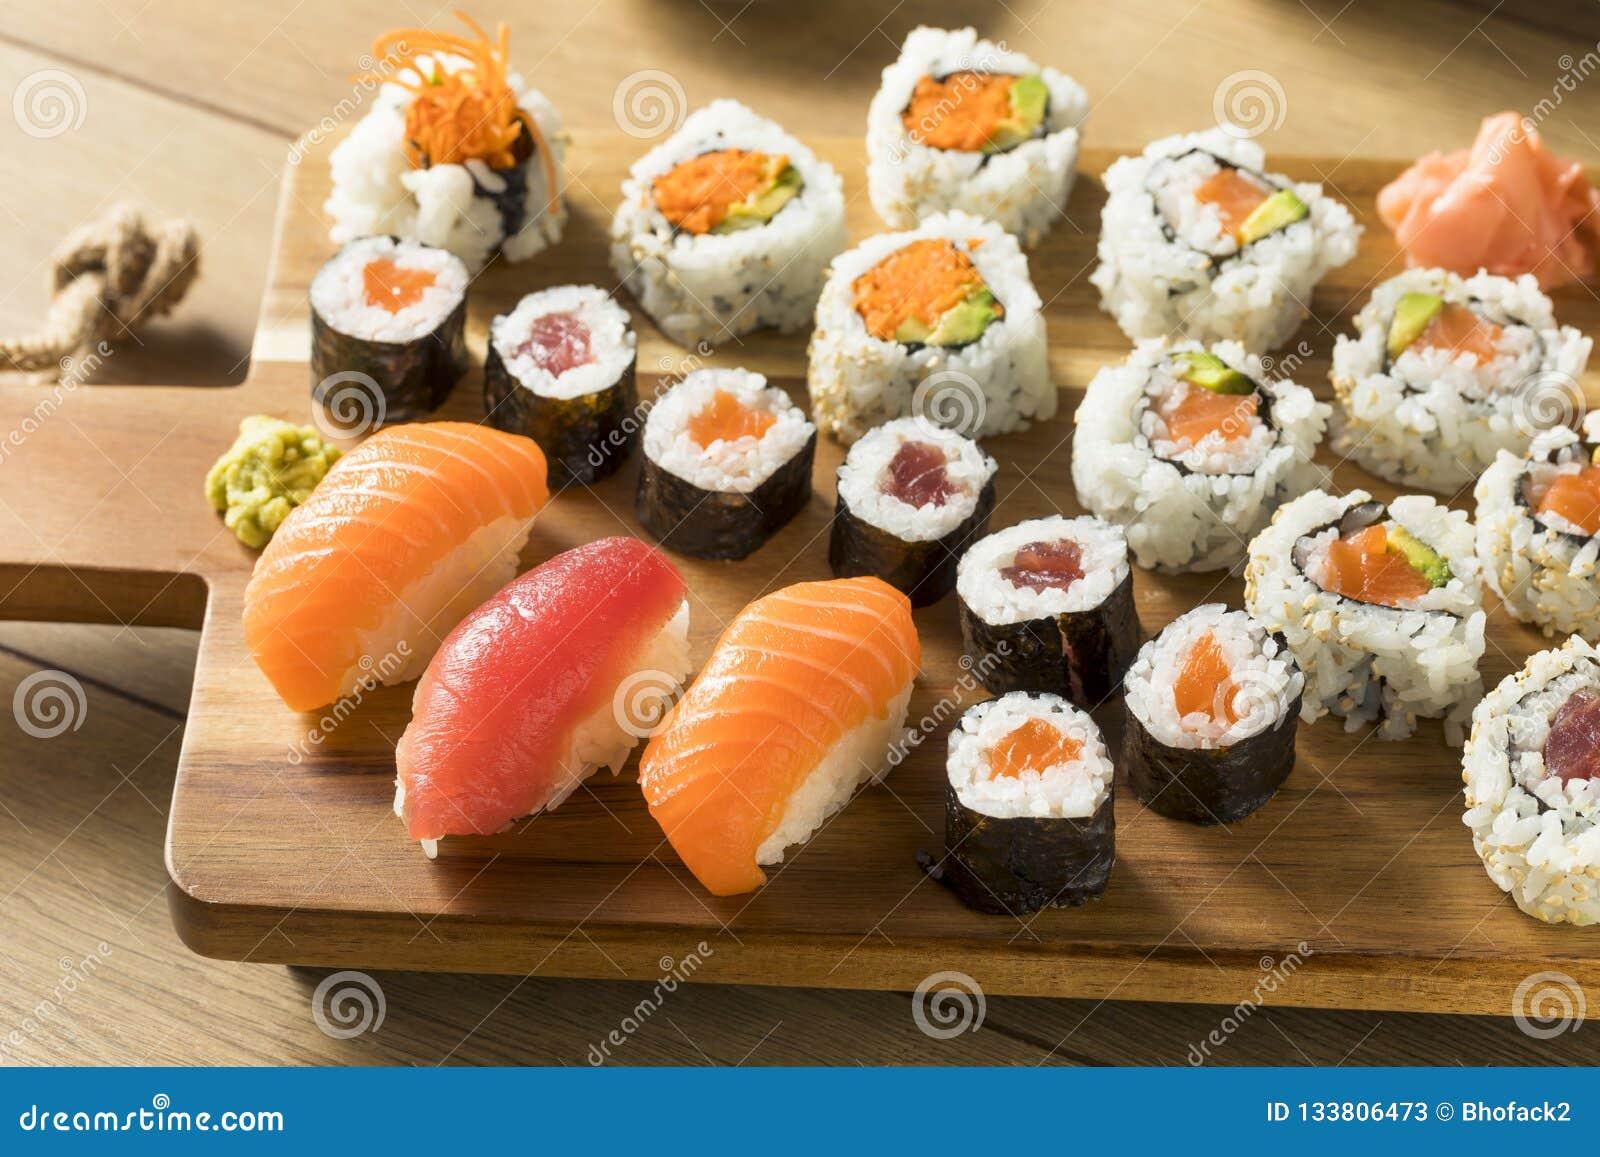 Plateau Enorme Fait Maison De Sushi Image Stock Image Du Plateau Sushi 133806473